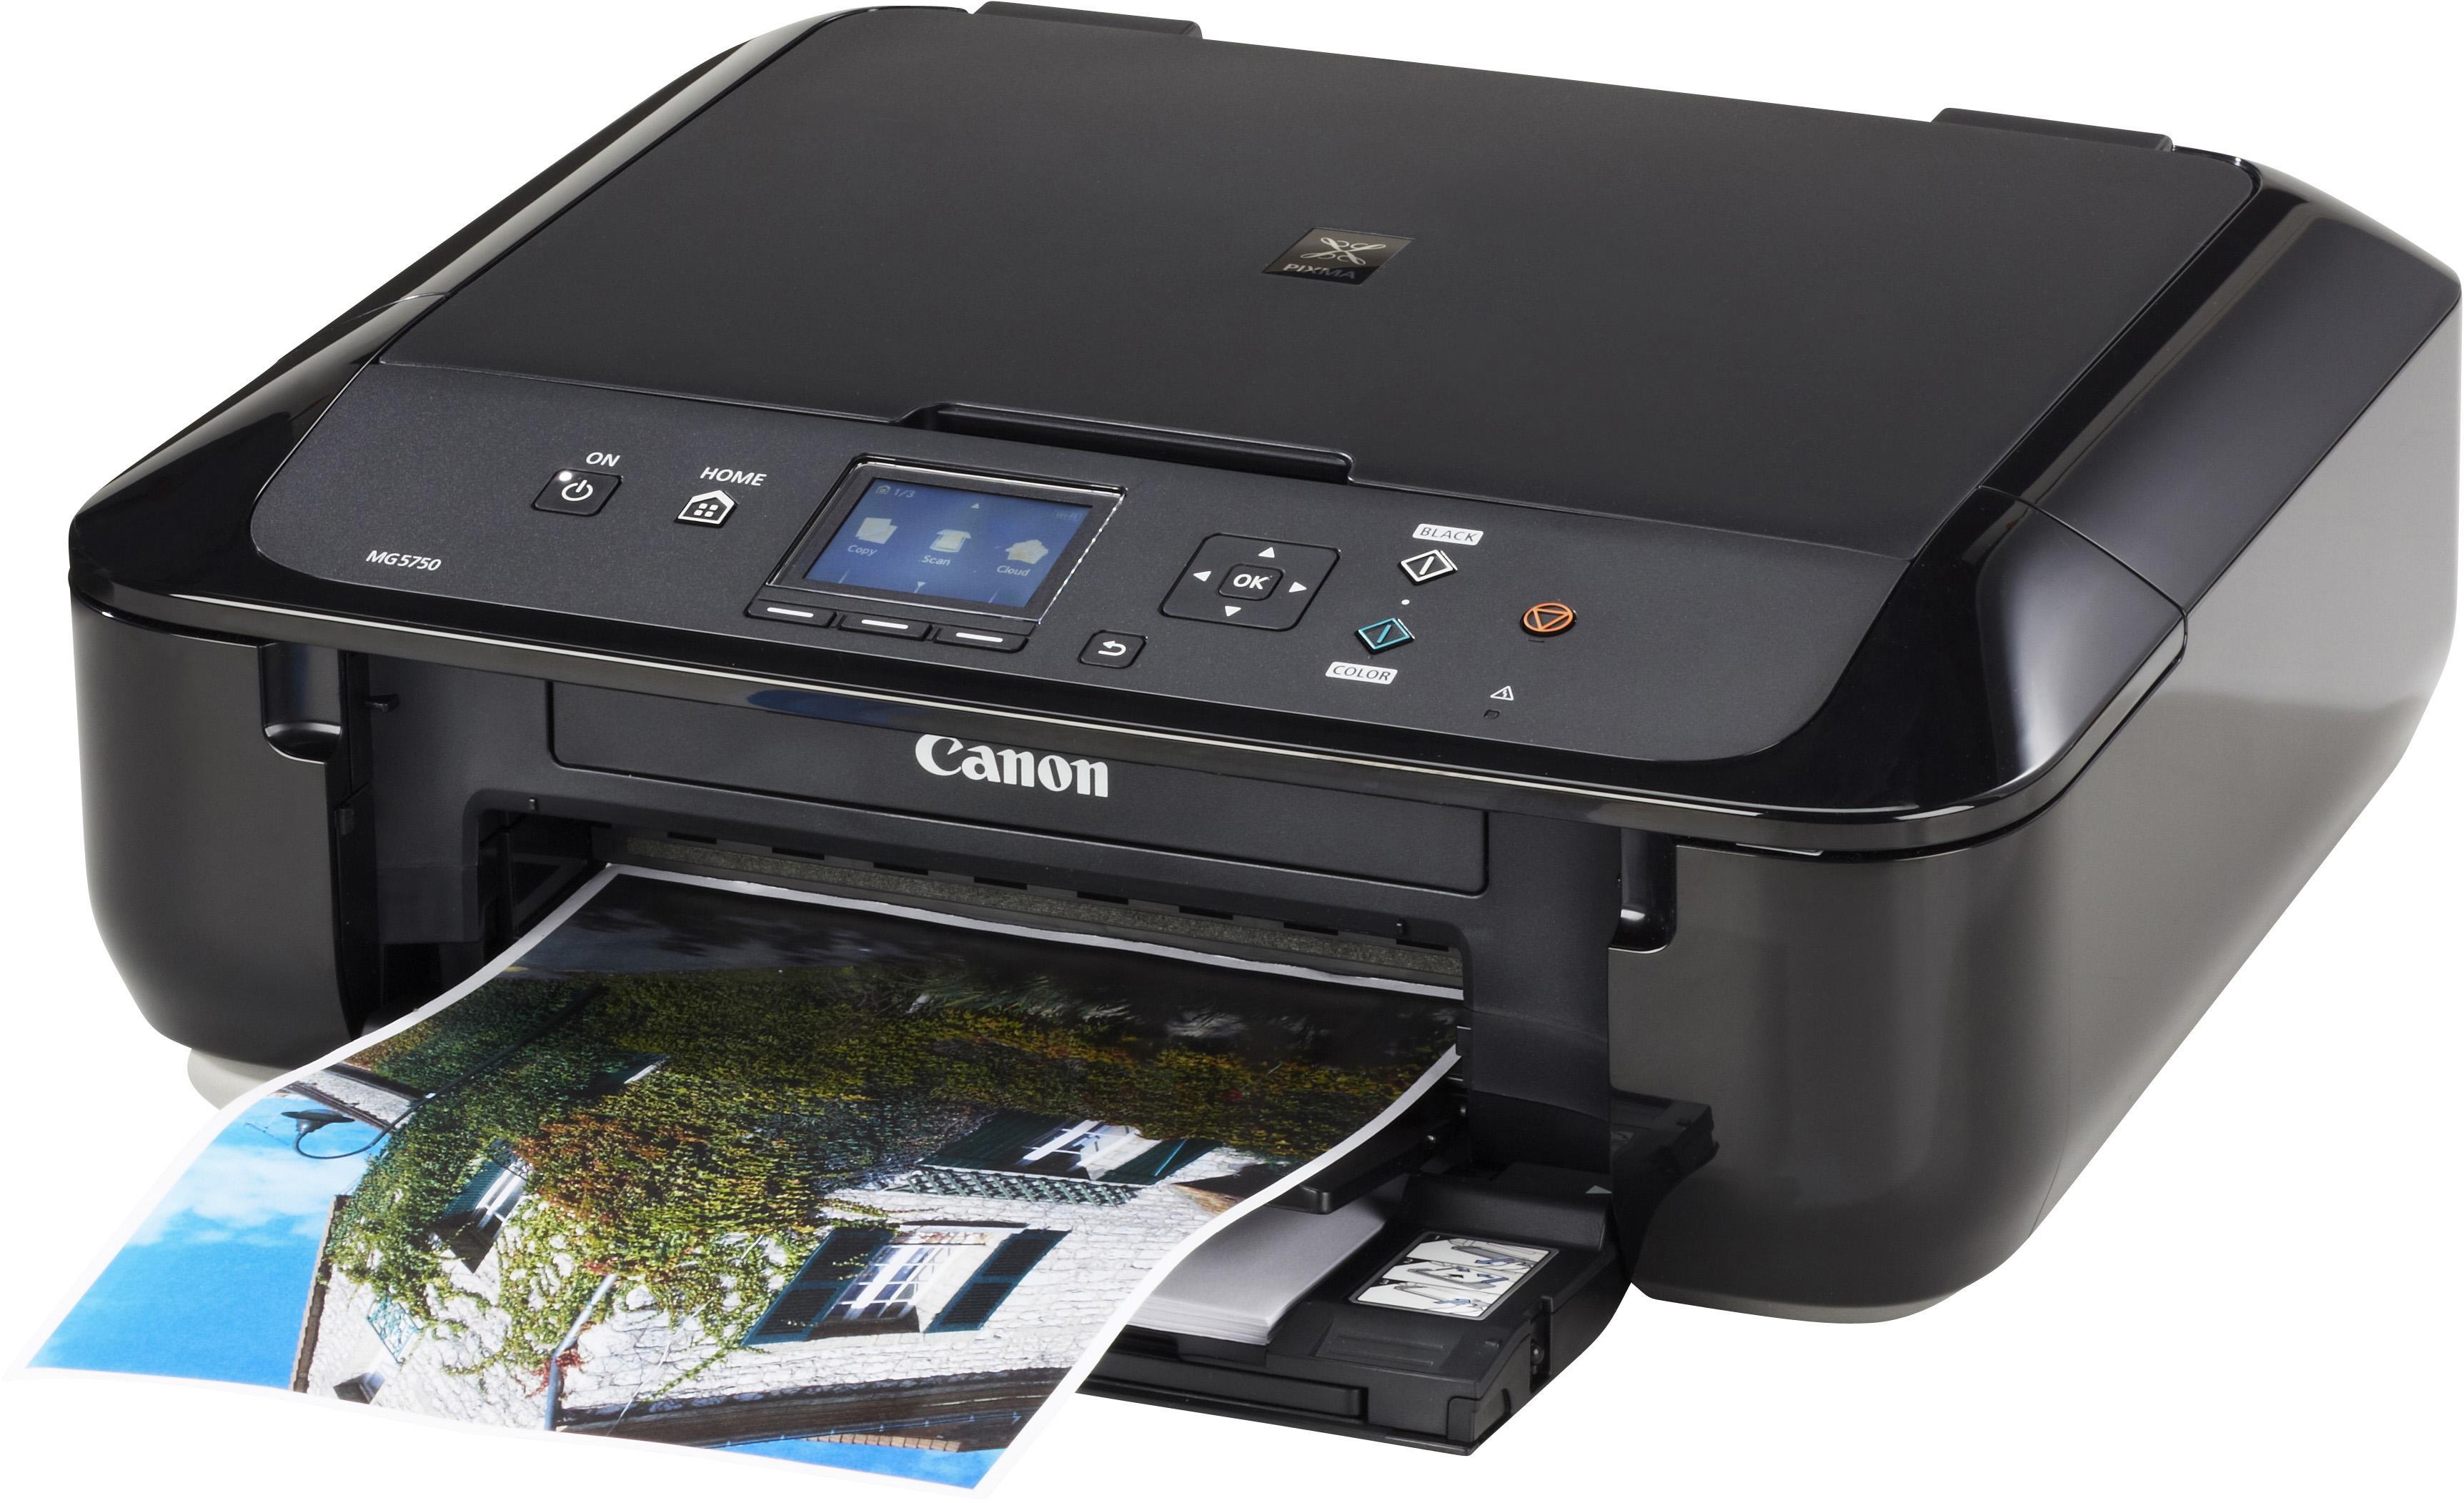 Canon STAMPANTE CANON PIXMA MG5750 - MULTIFUNZIONE WIRELESS A4 - SCANNER - 12,6 IPM IN STAMPA -USB 2.0  - NUOVA IMBALLATA!